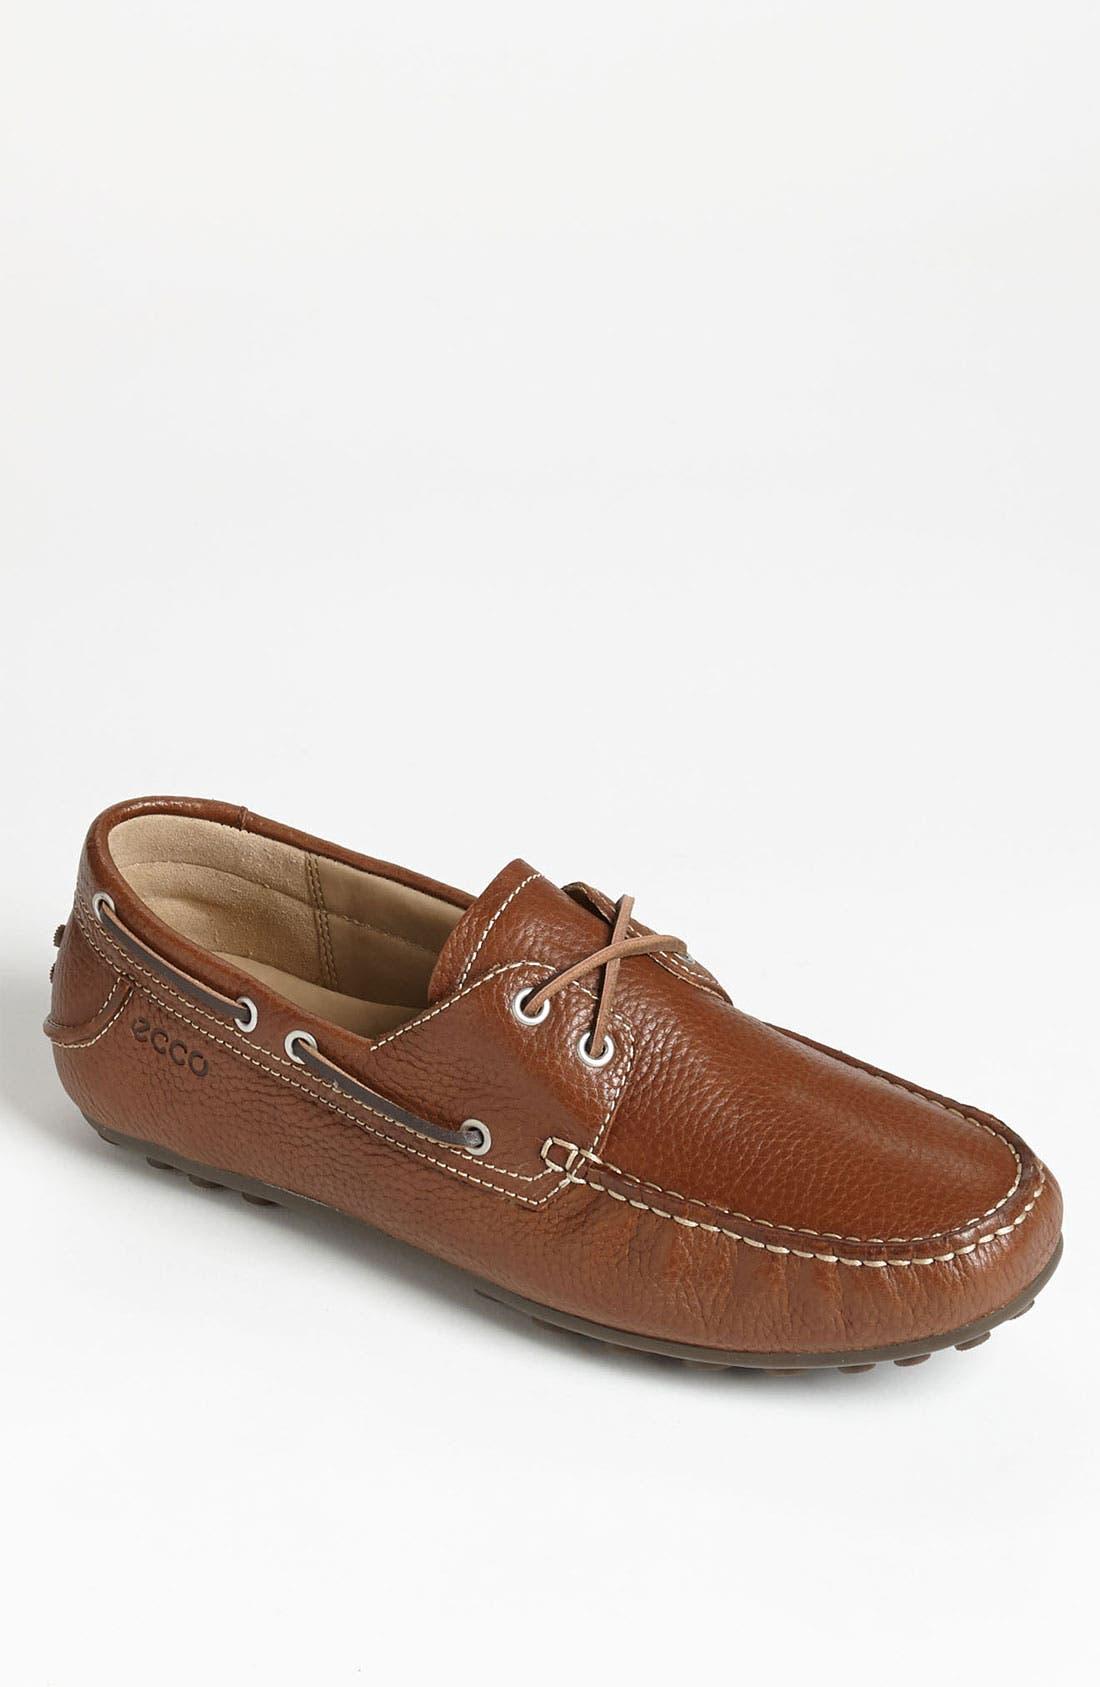 Main Image - ECCO 'Cuno' Driving Shoe